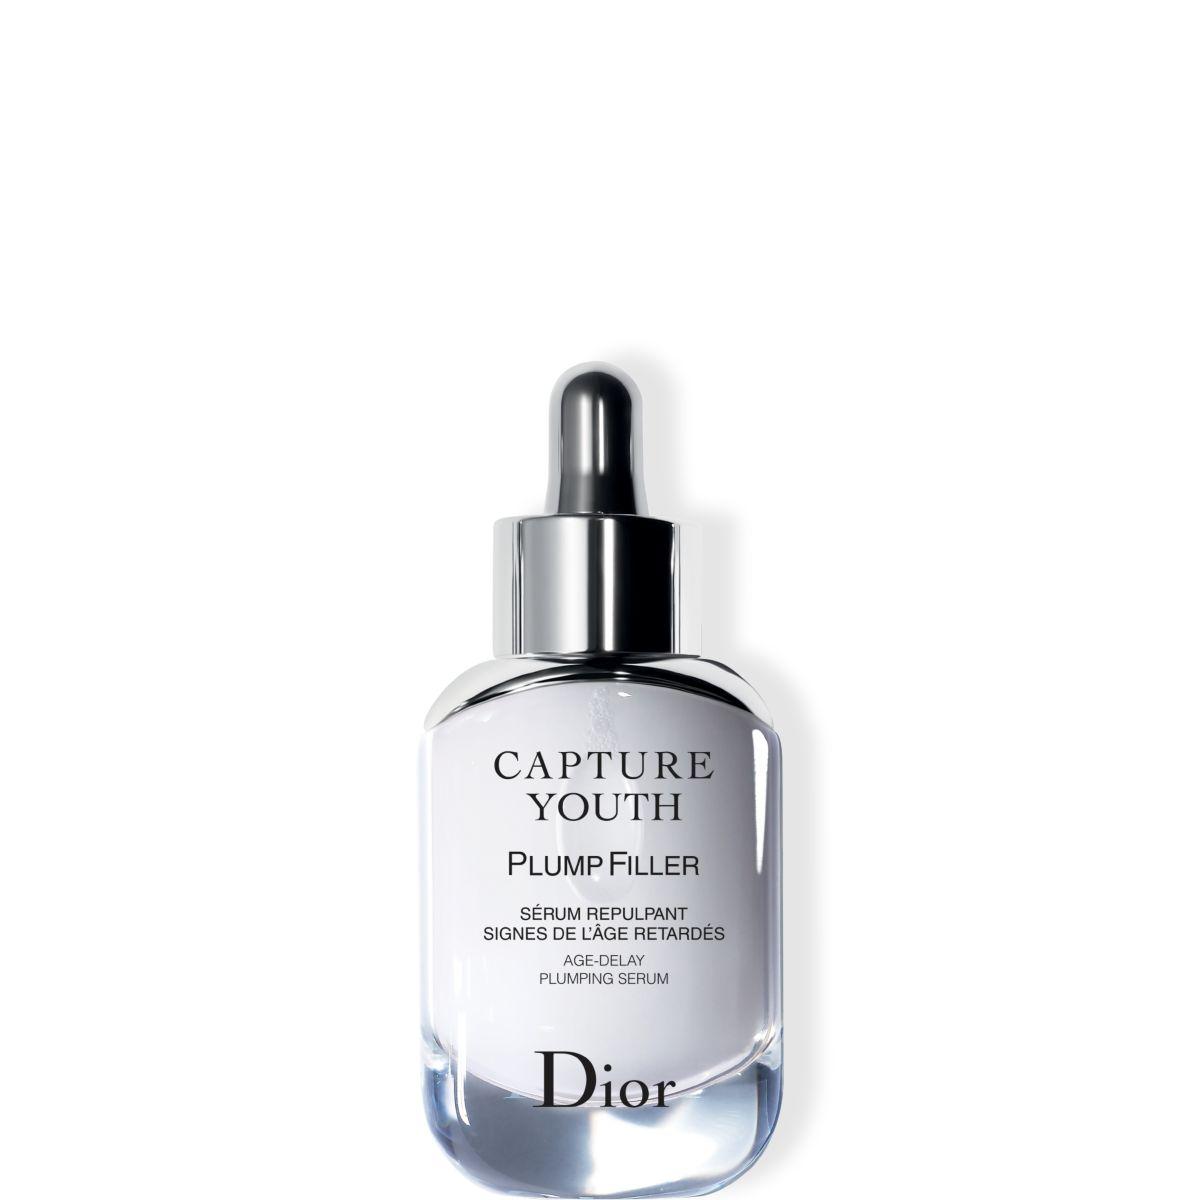 Dior - Capture Youth - Plump Filler Sérum repulpant